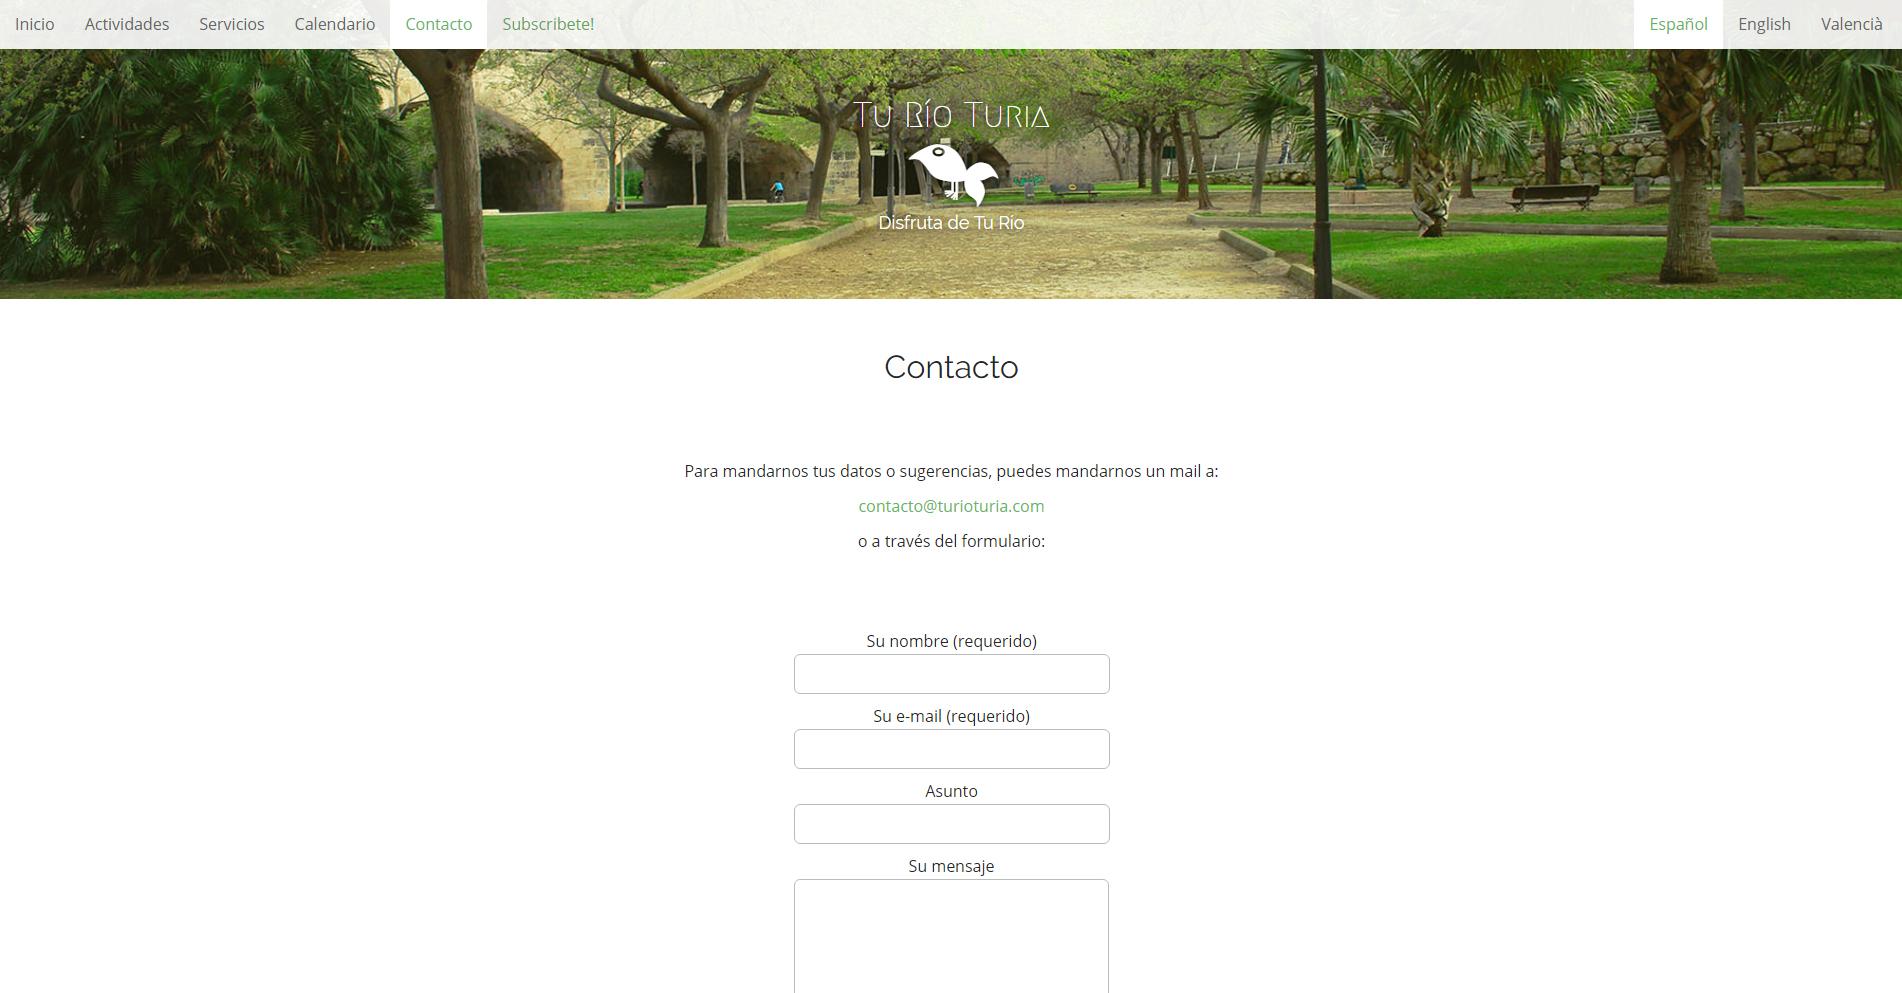 Tu río Turia - Imagen corporativa - Web